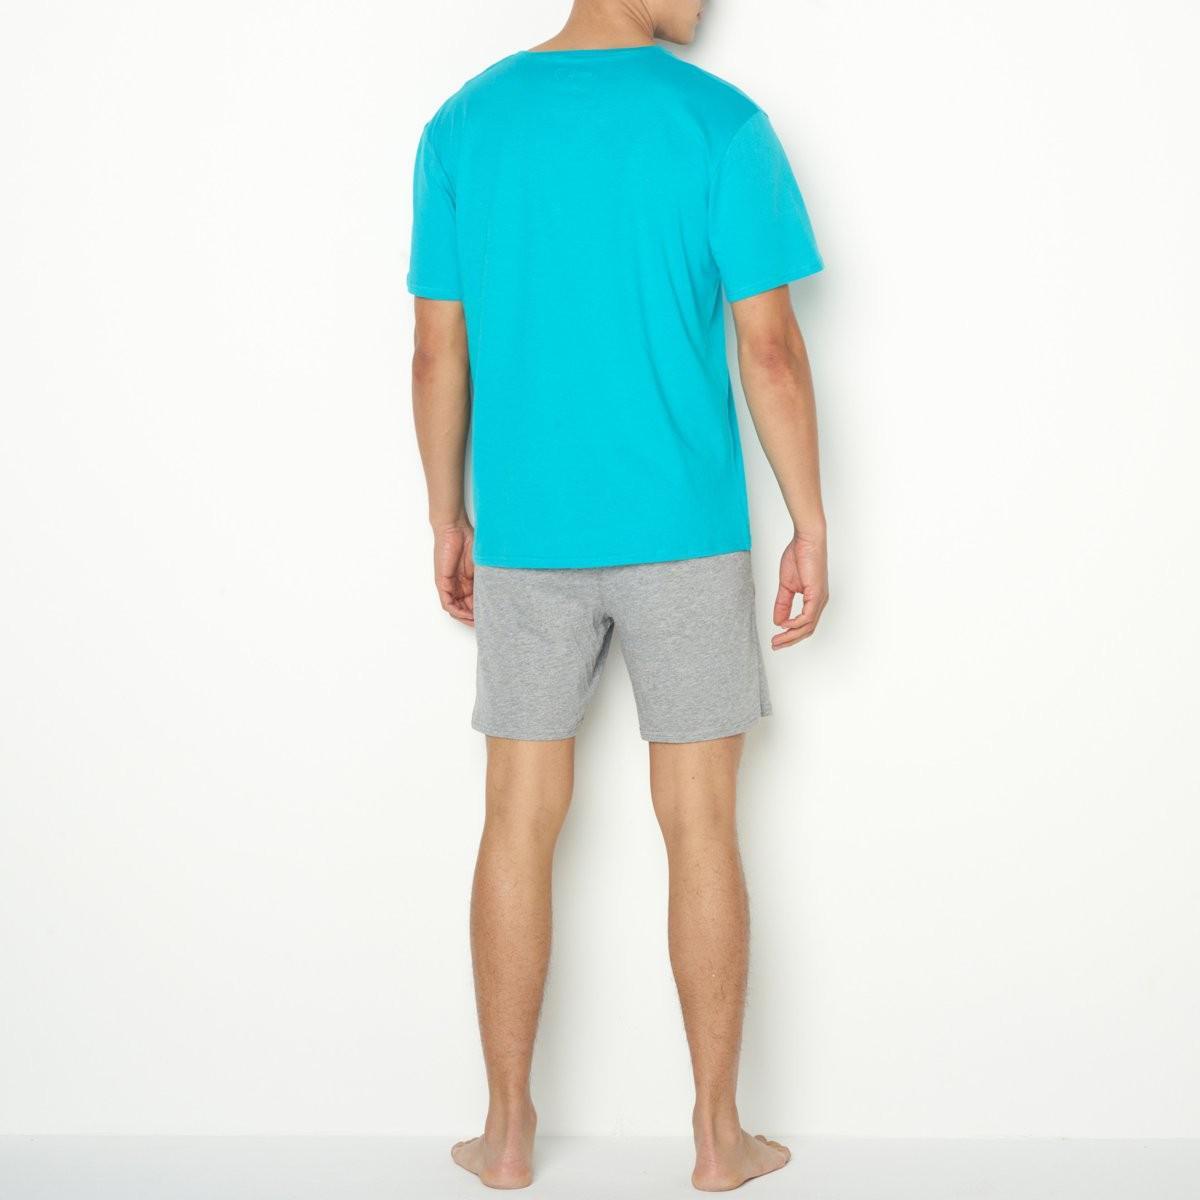 LA REDOUTE - Blue Short Cotton Jersey V-neck Pyjamas for Men - Lyst. View  fullscreen 8d6134c86